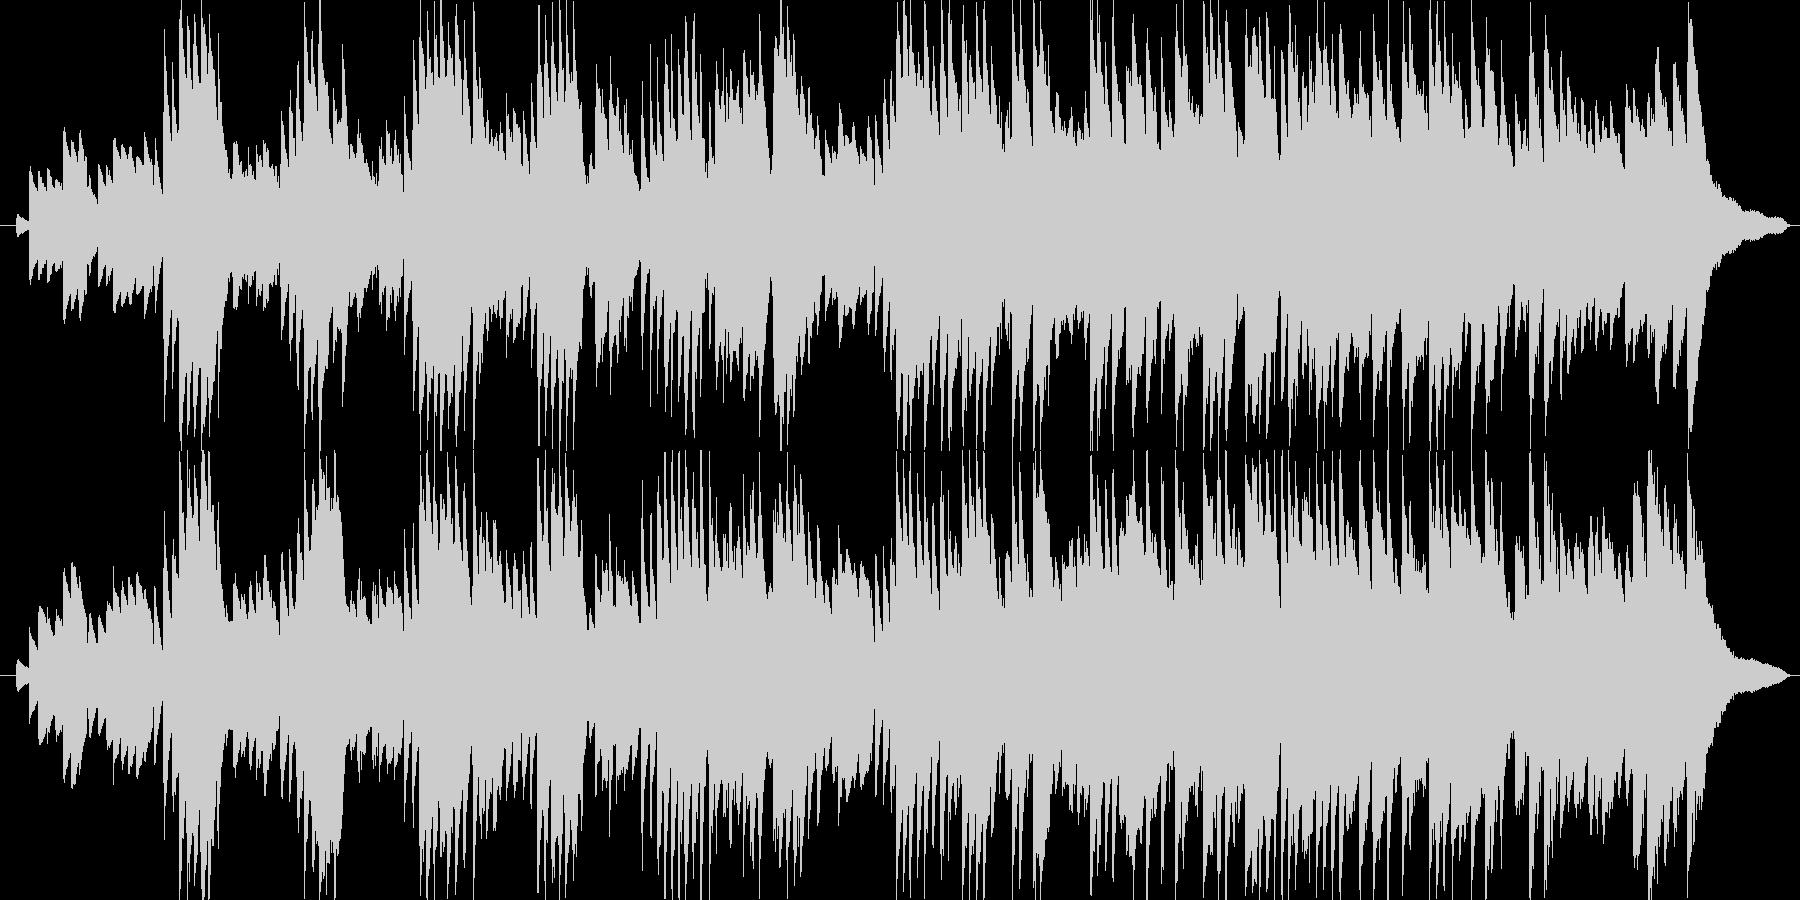 ピアノだけで演奏した切なく悲しげな曲の未再生の波形